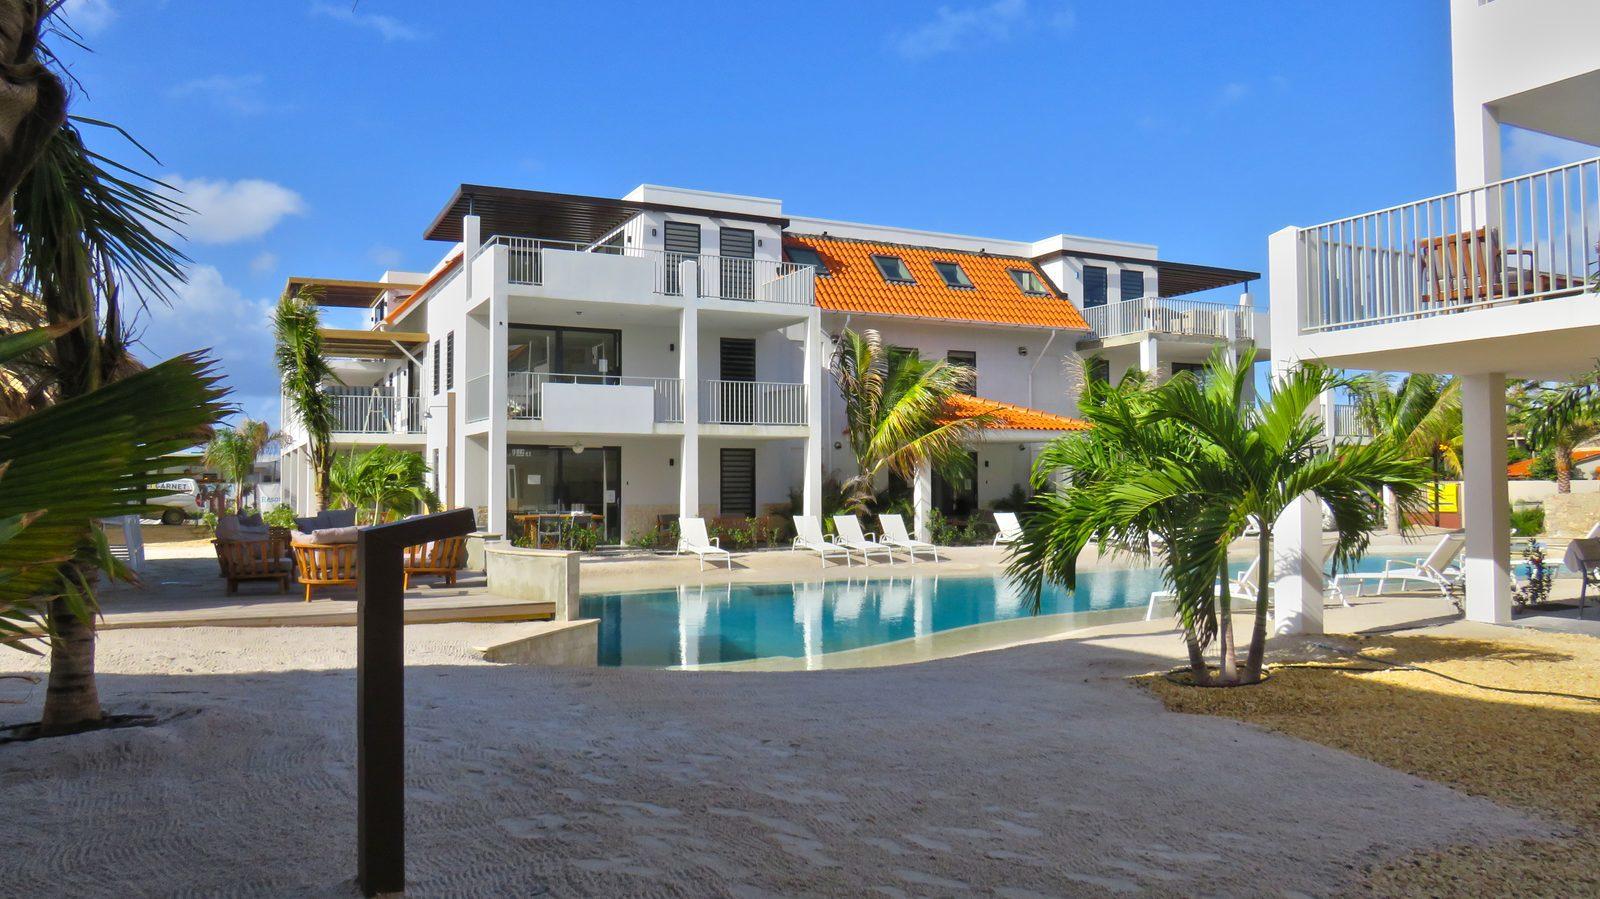 Alquileres de vacaciones en Bonaire